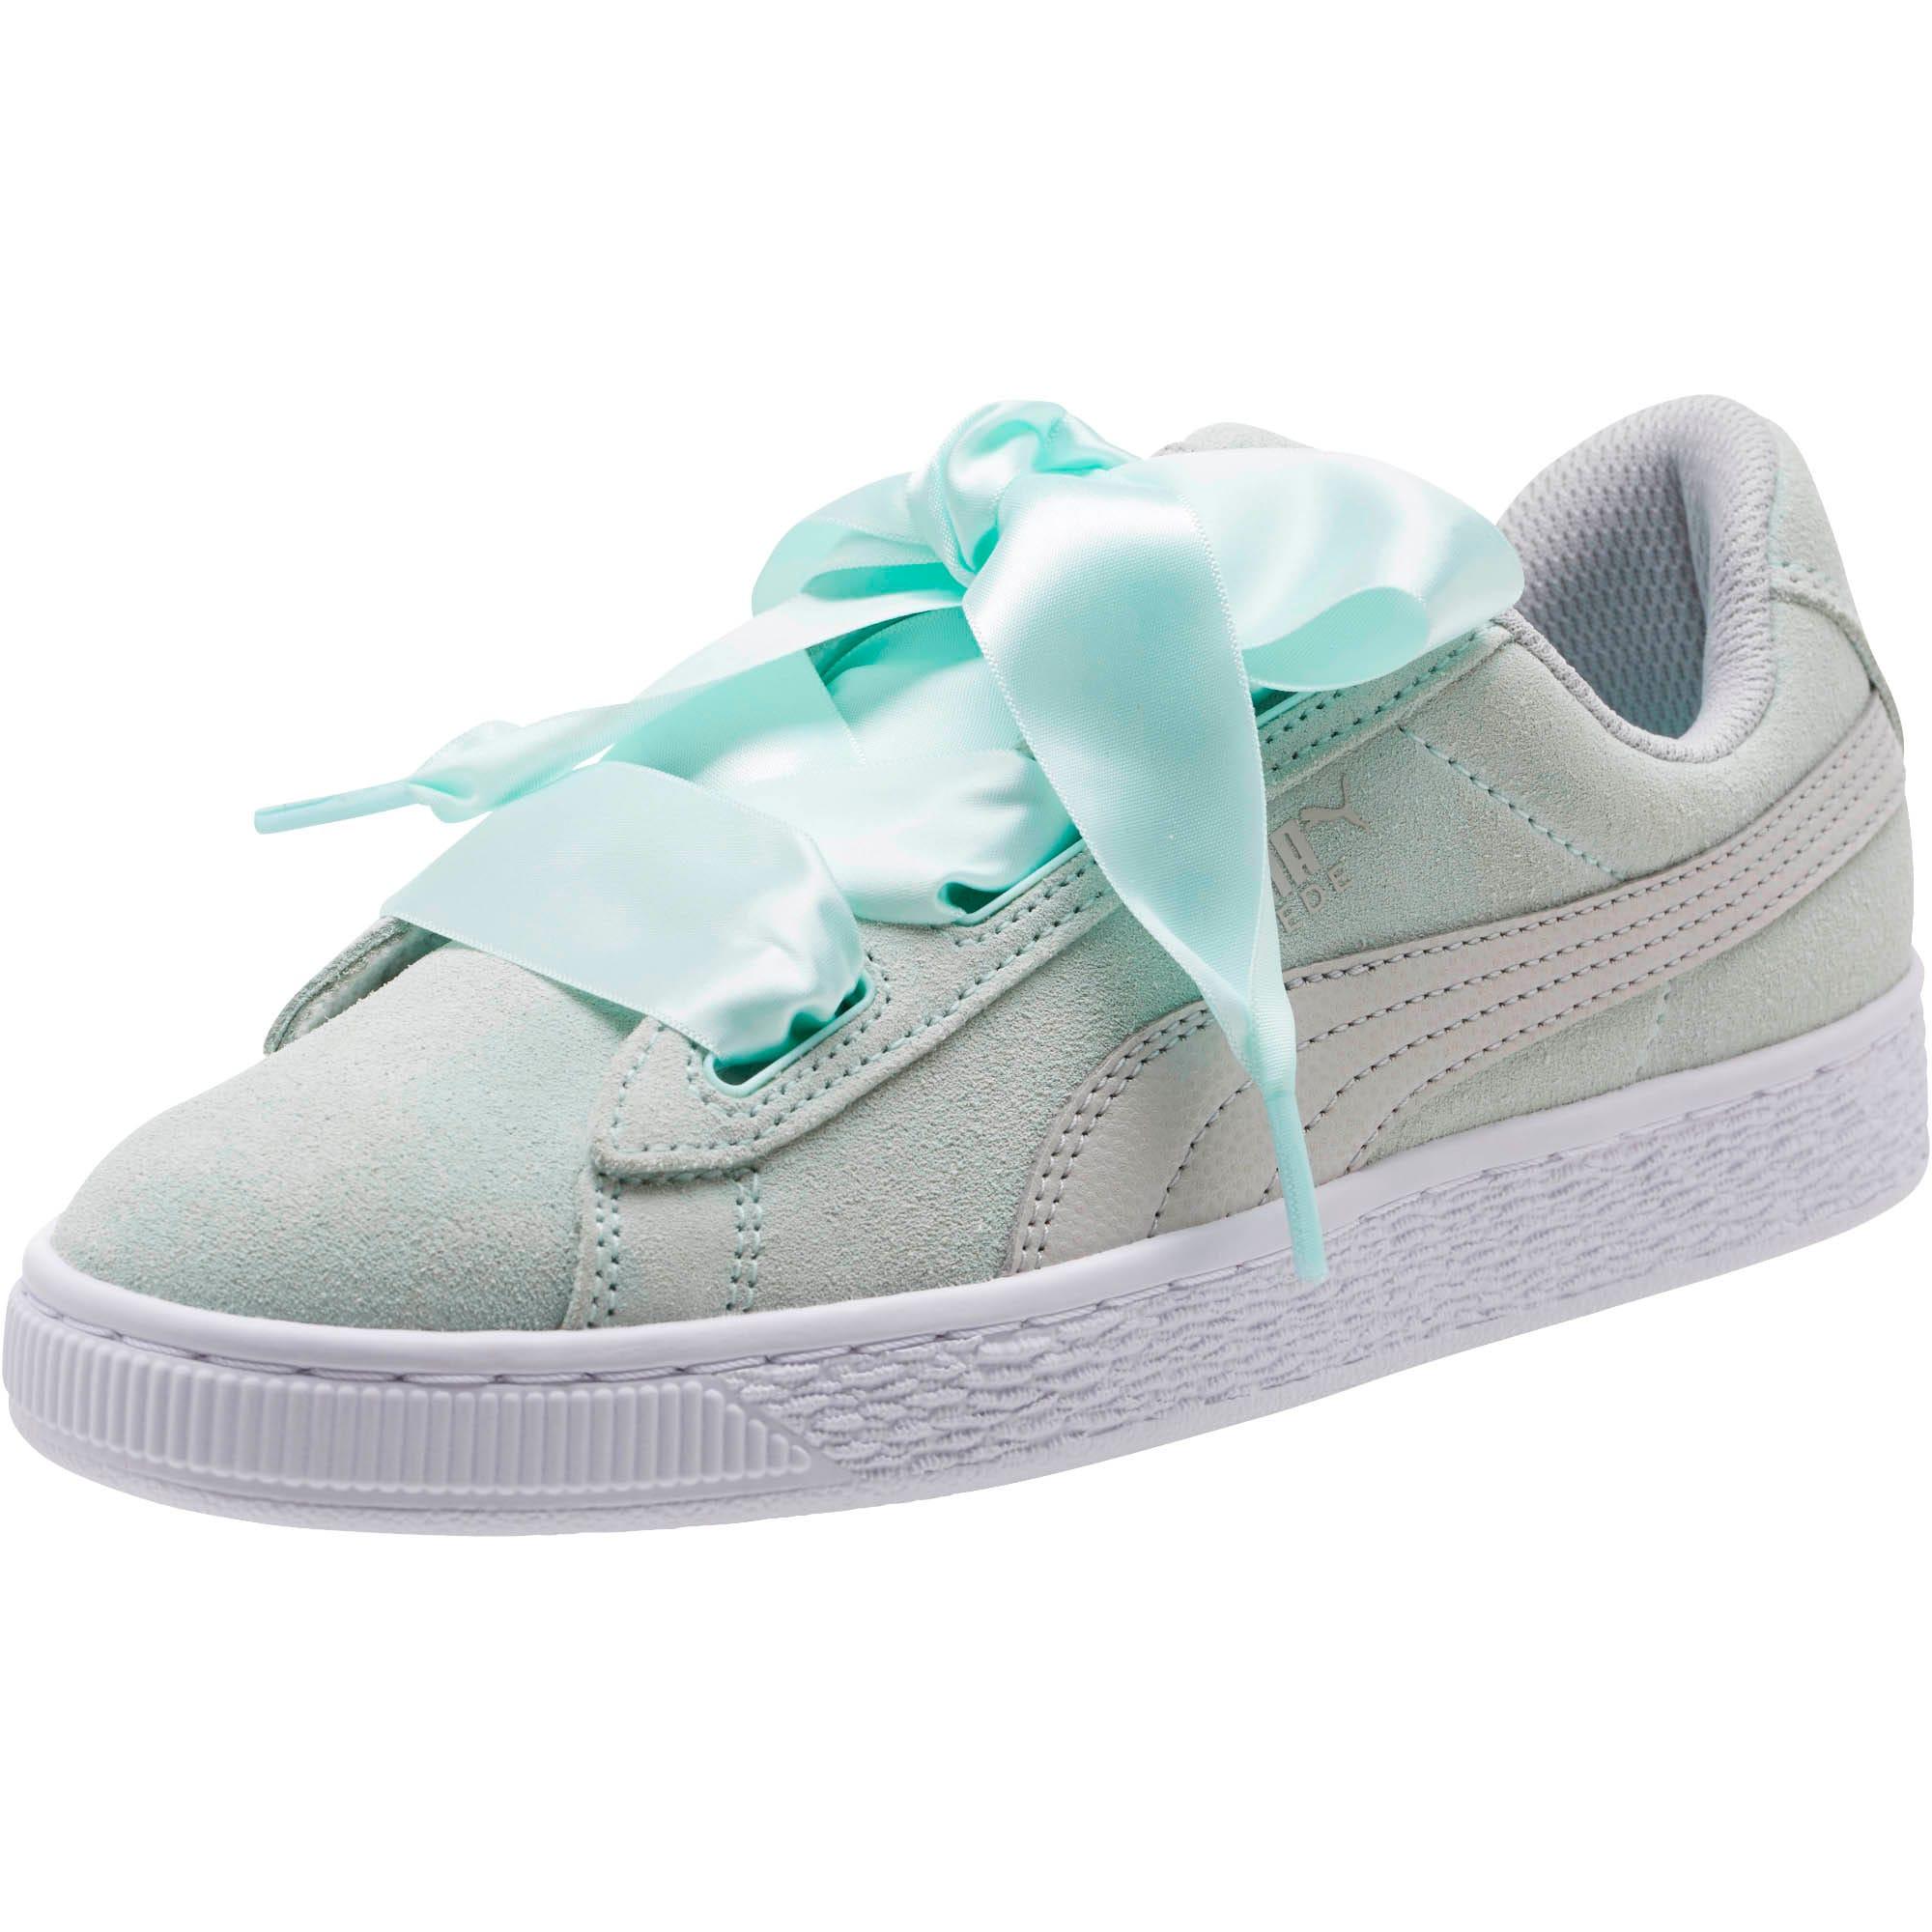 Miniatura 1 de Zapatos deportivos SuedeHeart Radicals JR, Fair Aqua-Gray Violet, mediano